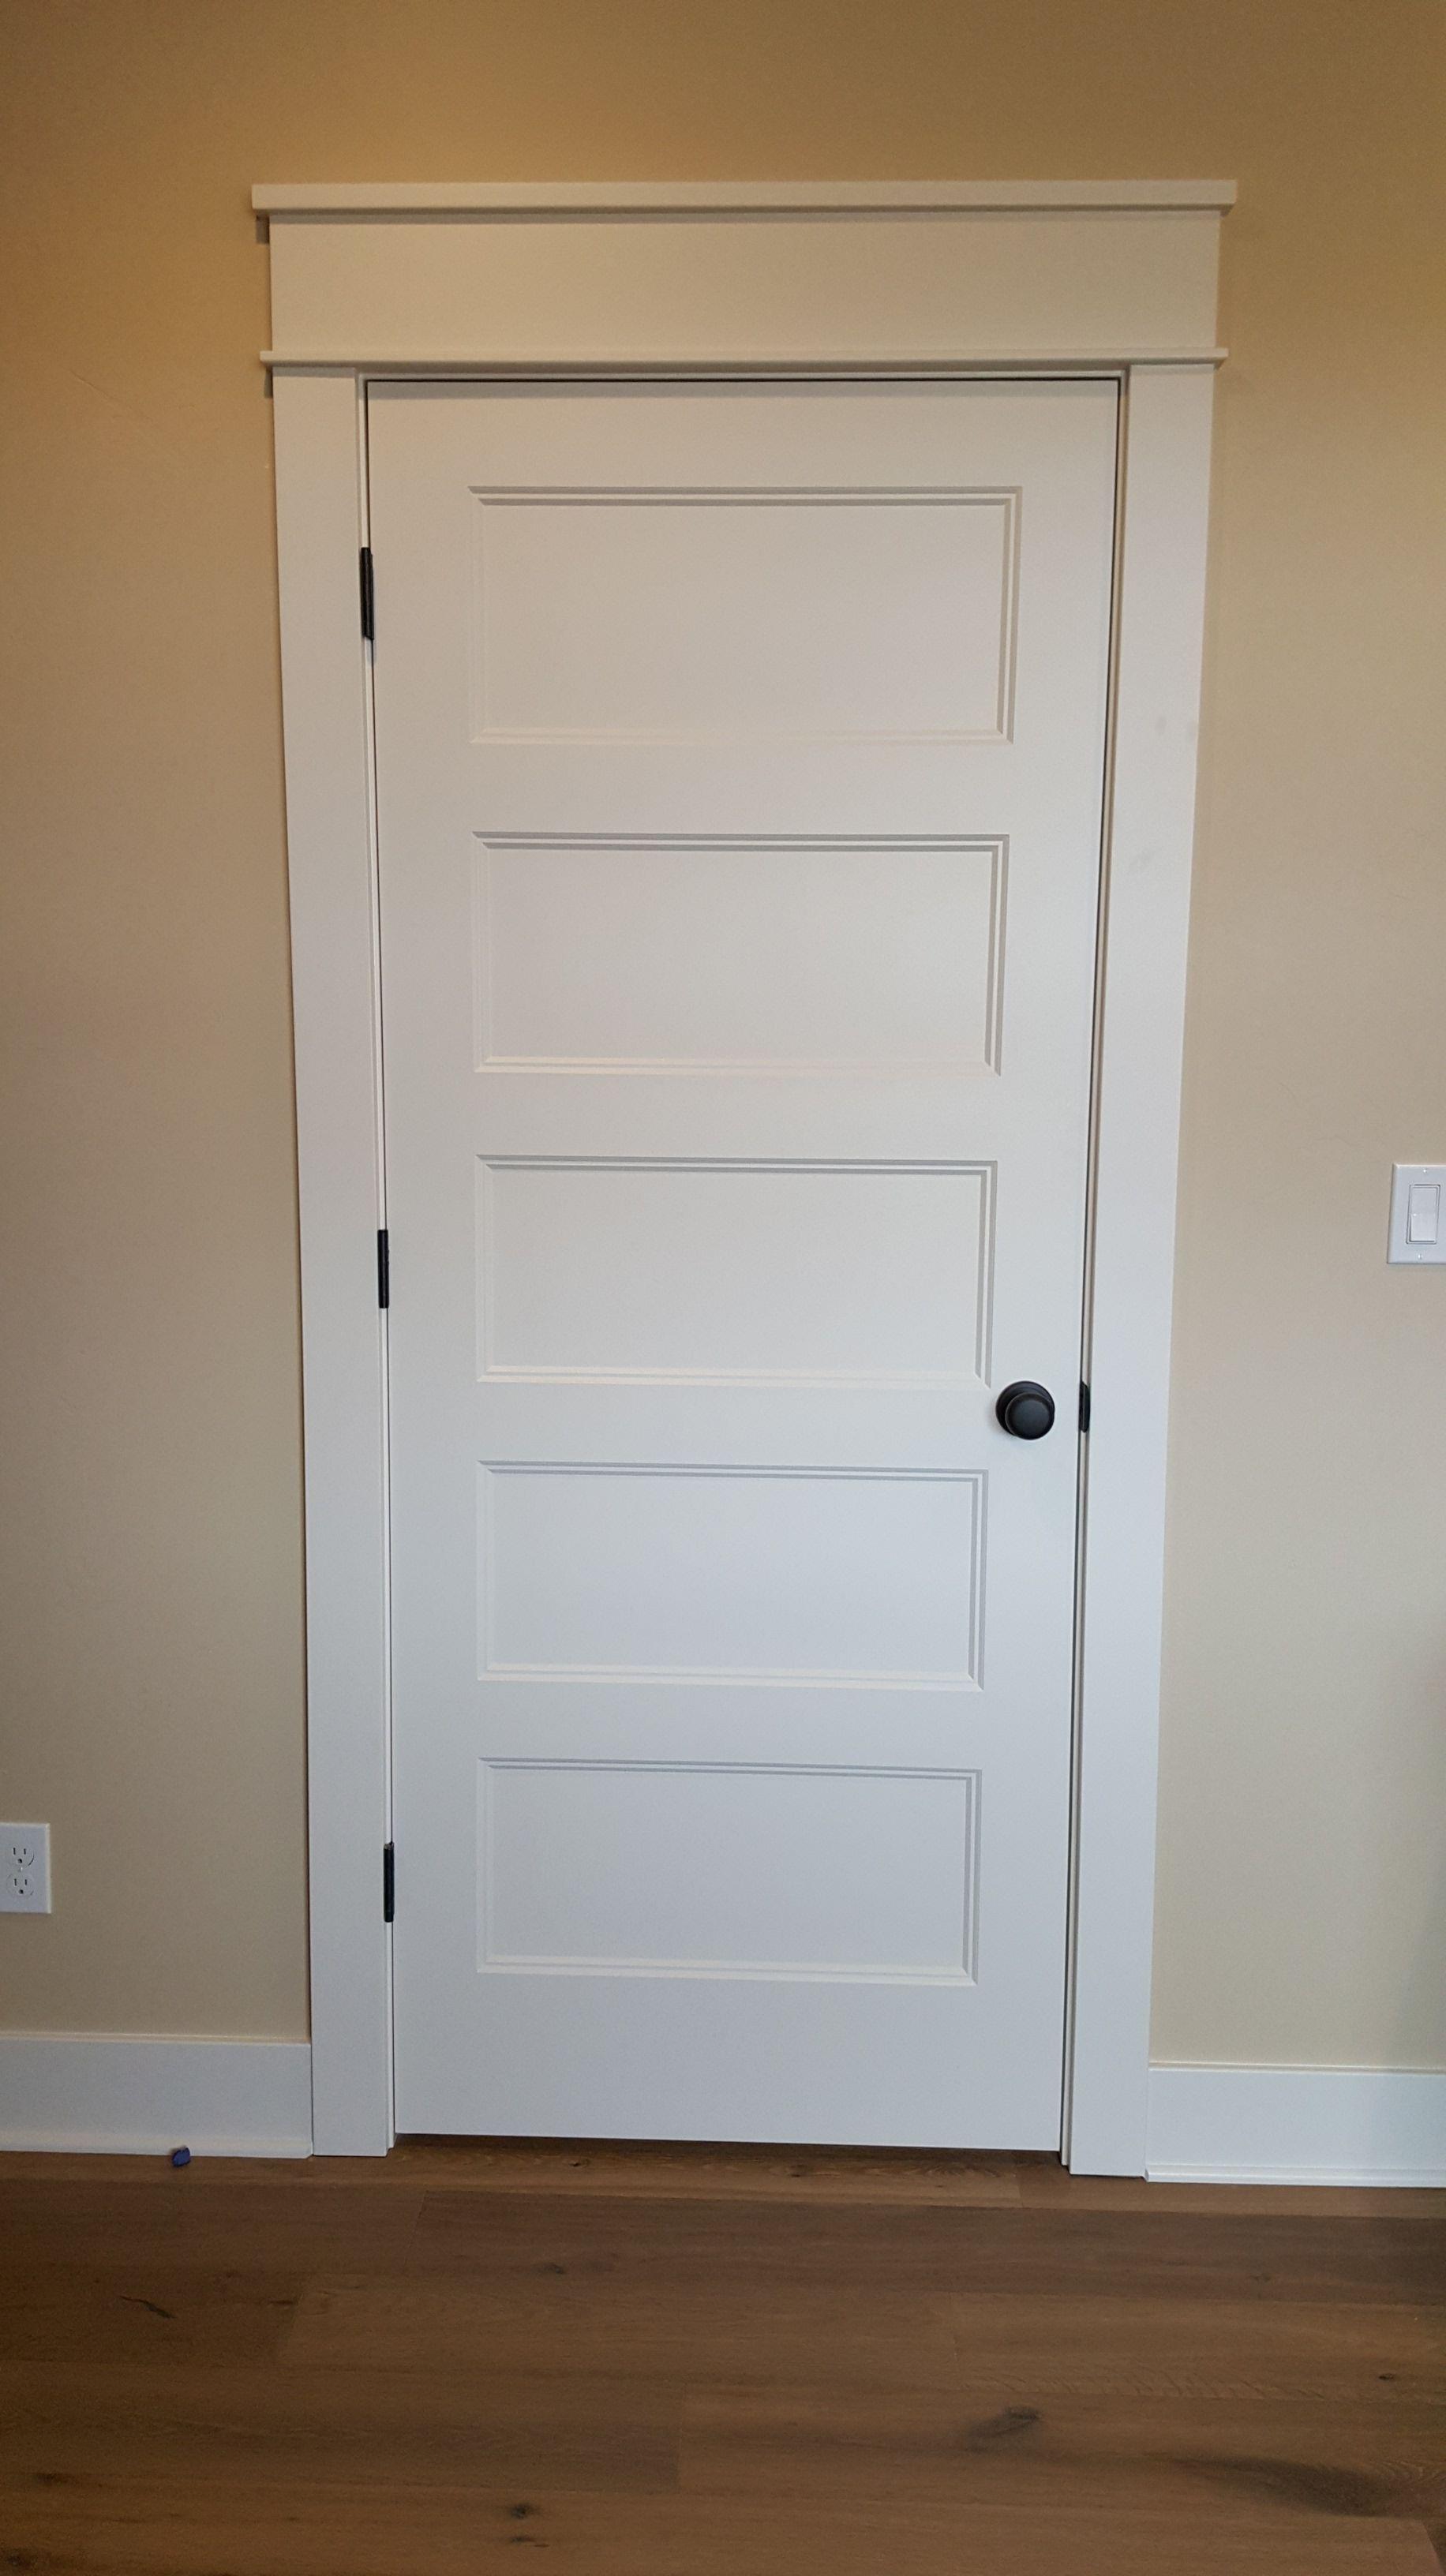 Conmore 5 Panel Door With Shaker Trim Cabinet Doors Interior Door Styles Cabinet